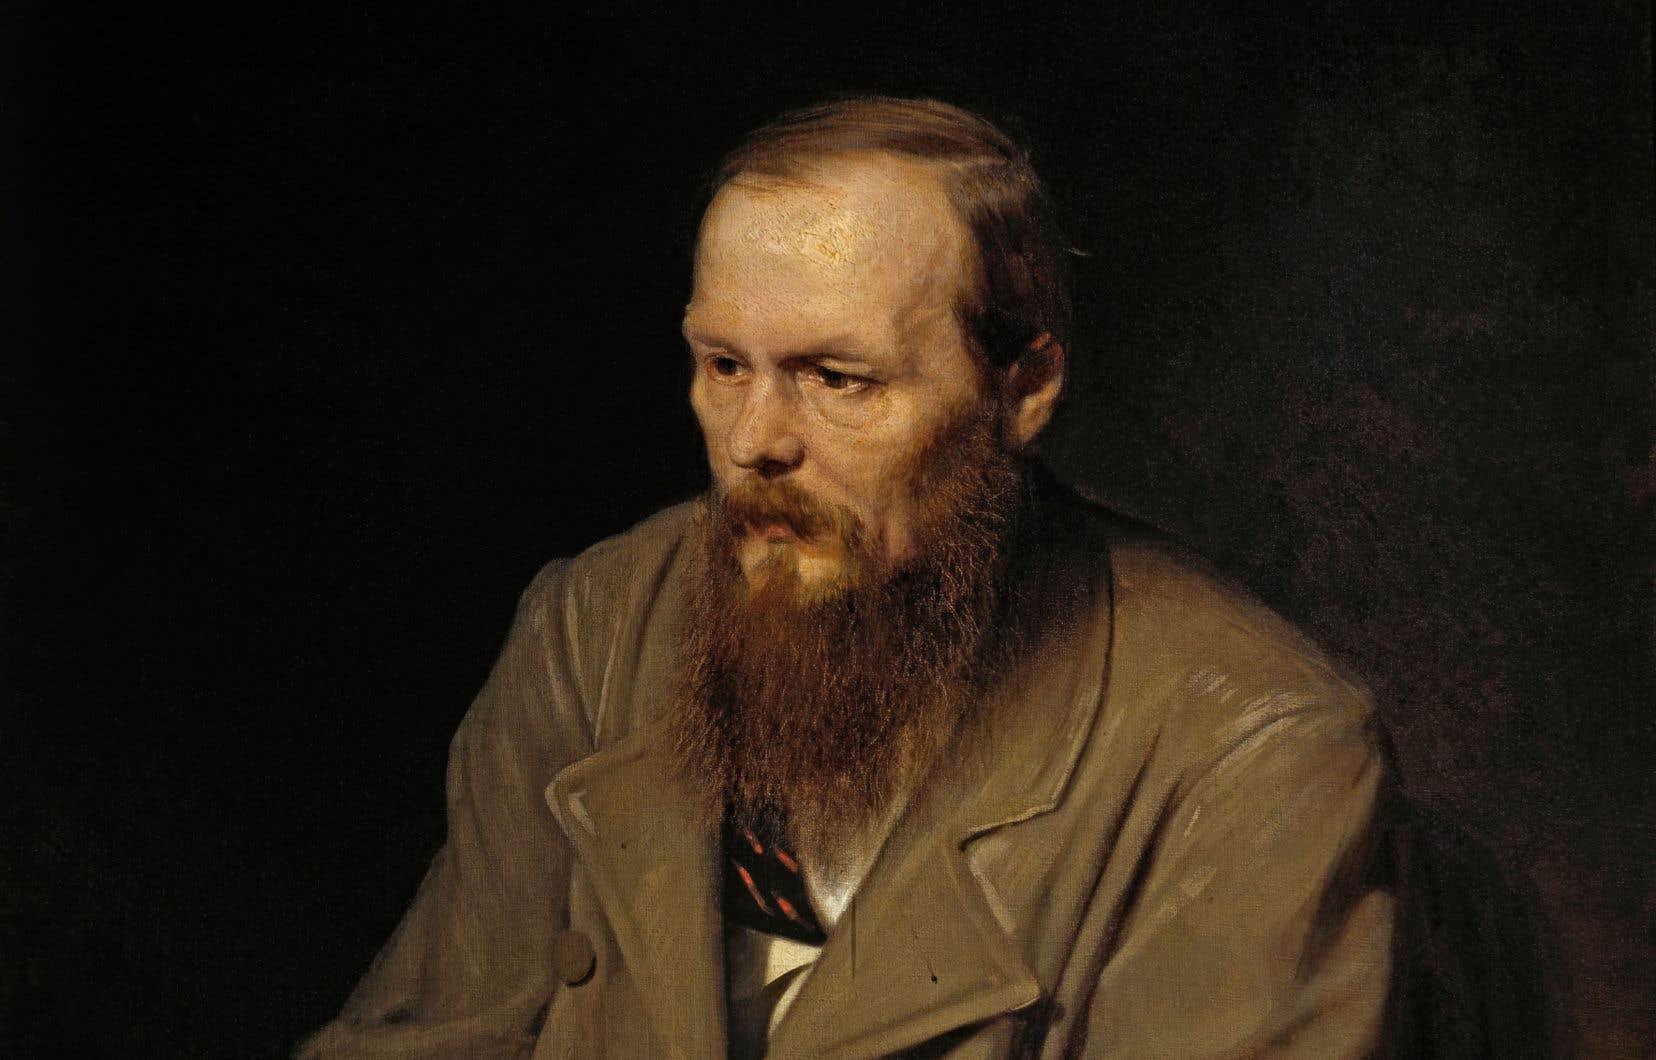 Portrait de Dostoïevski en 1872, peint par Vasily Perov